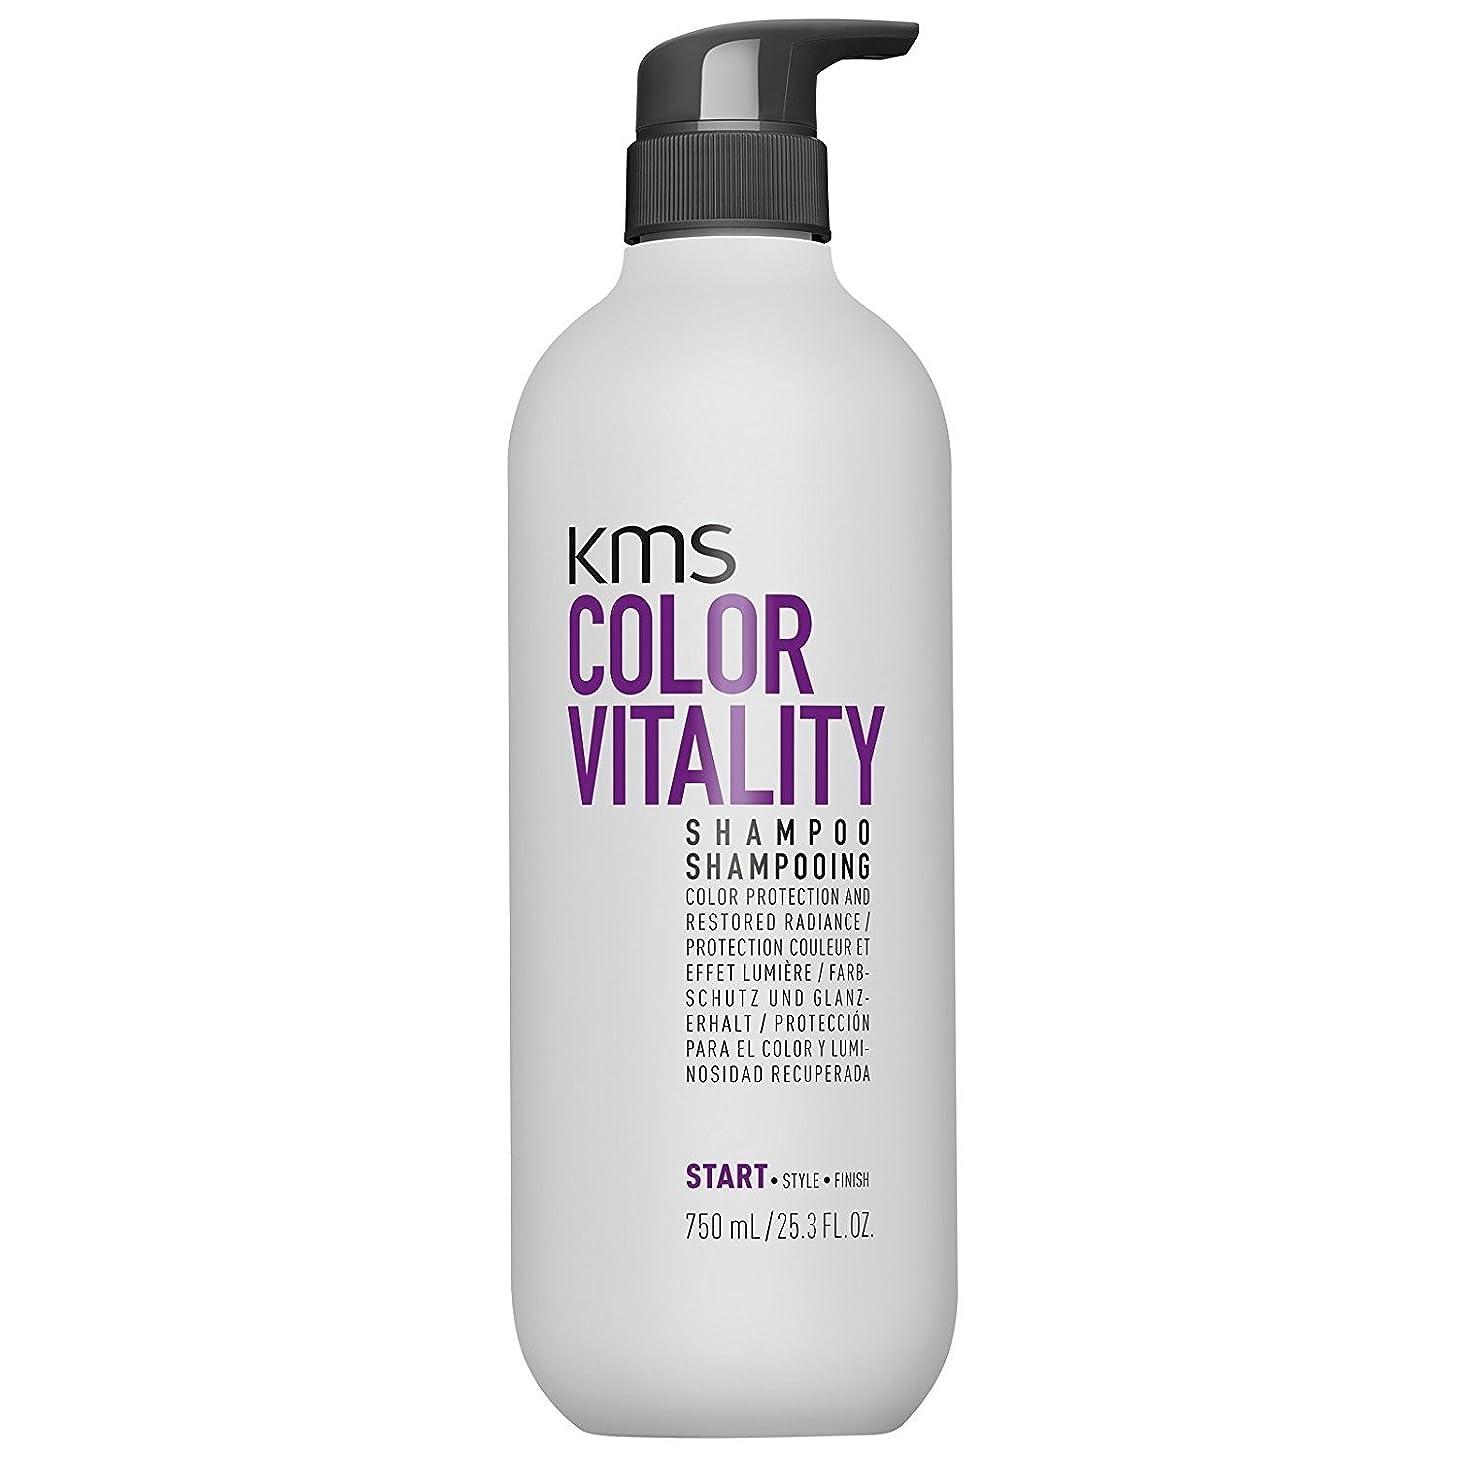 東ティモール重要性抵当KMSカリフォルニア Color Vitality Shampoo (Color Protection and Restored Radiance) 750ml